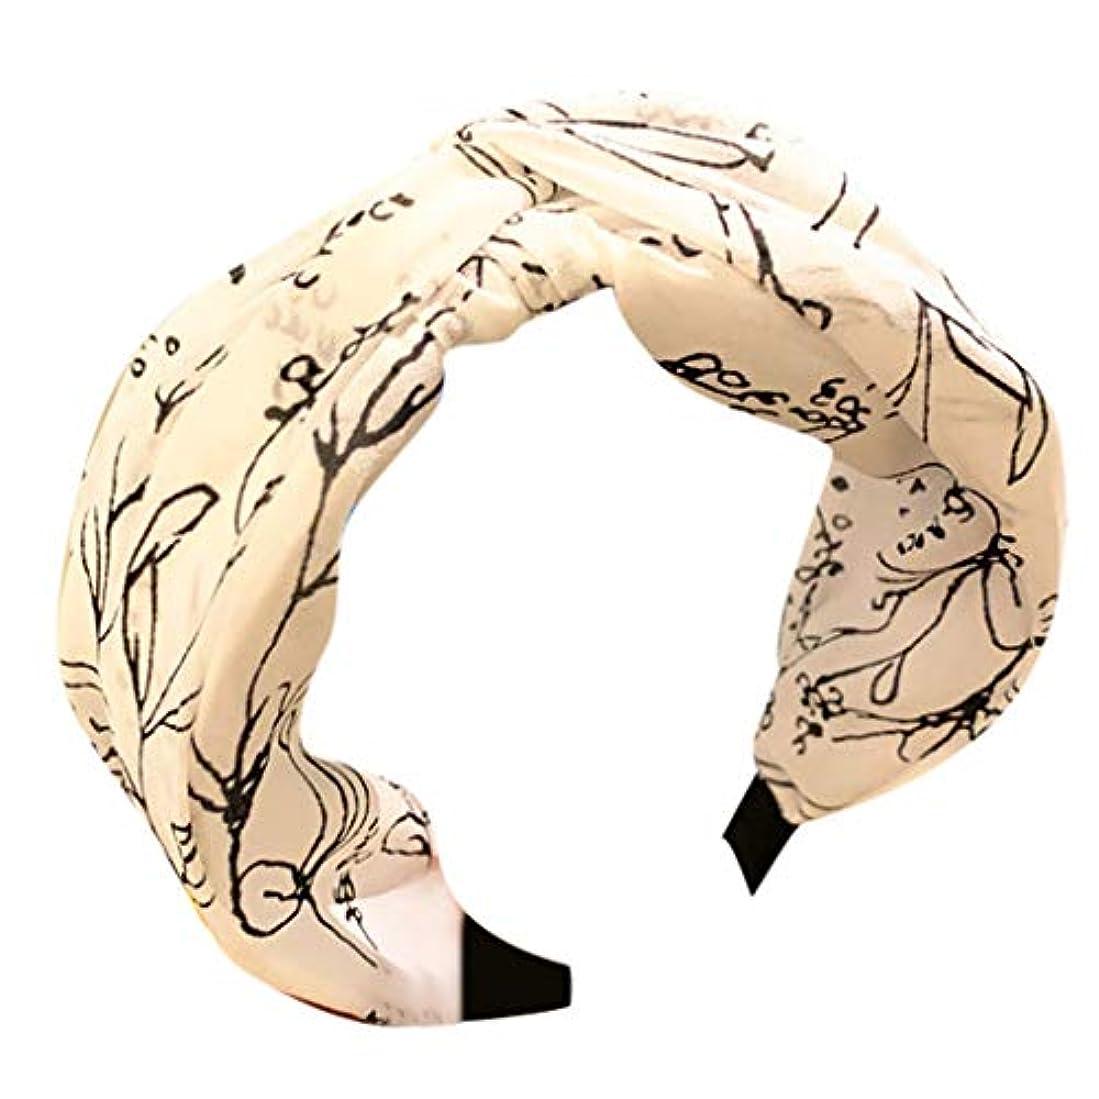 Lieteuy ヘッドバンド 多色展開 フリーサイズ カチューム お姫様 おしゃれ 洗顔 可愛い 女子会 ヘアバンド カチューシャ バスタイム レディースヘッドバンド トレンド感たっぷり 髪まとめグッズ